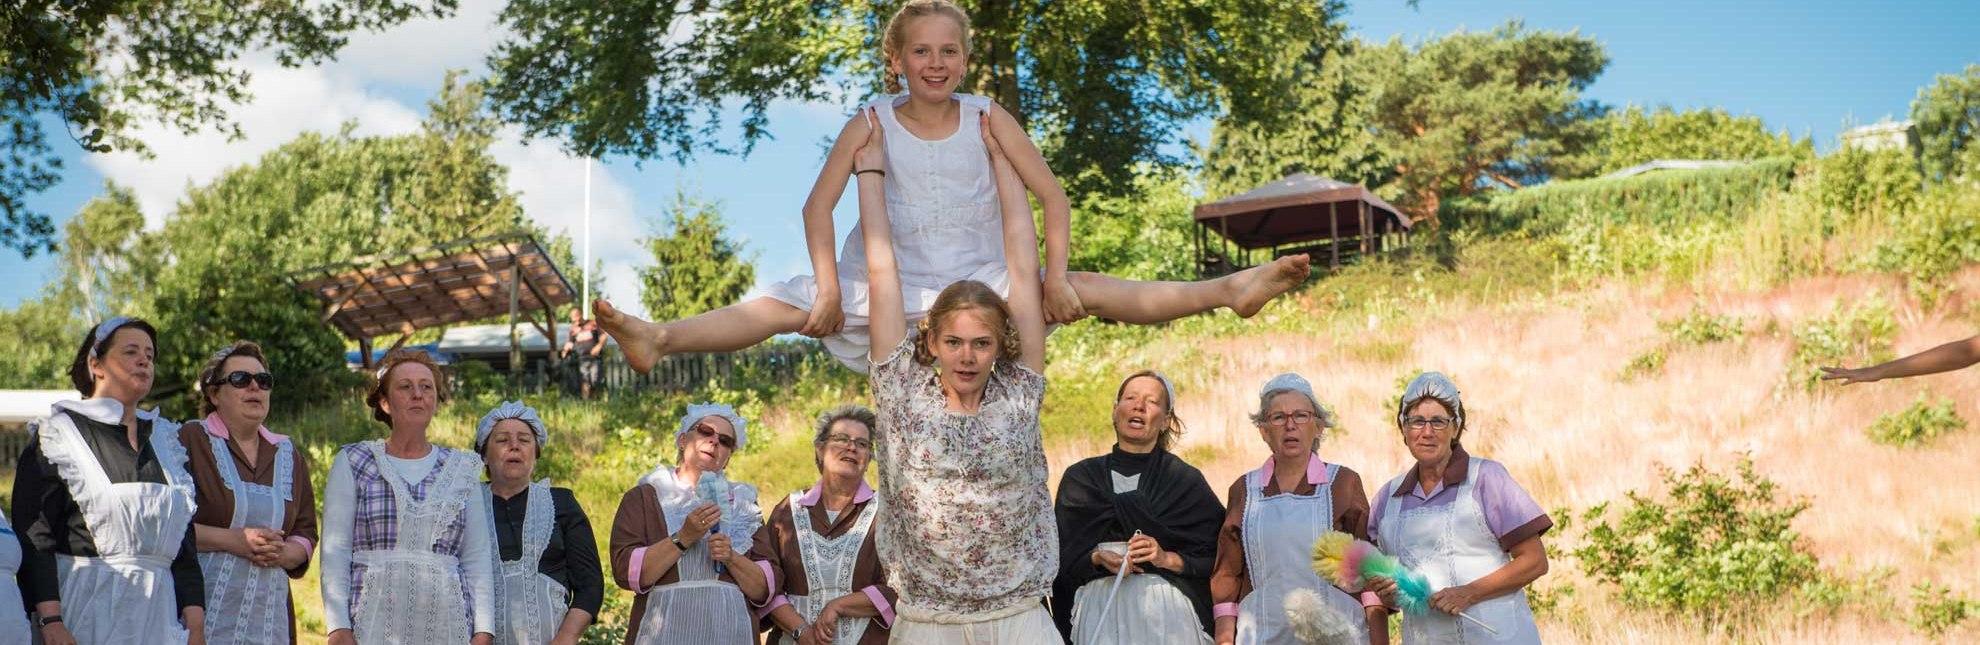 Kultursommer Kanuwandertheater, © Nicole Franke/ HLMS